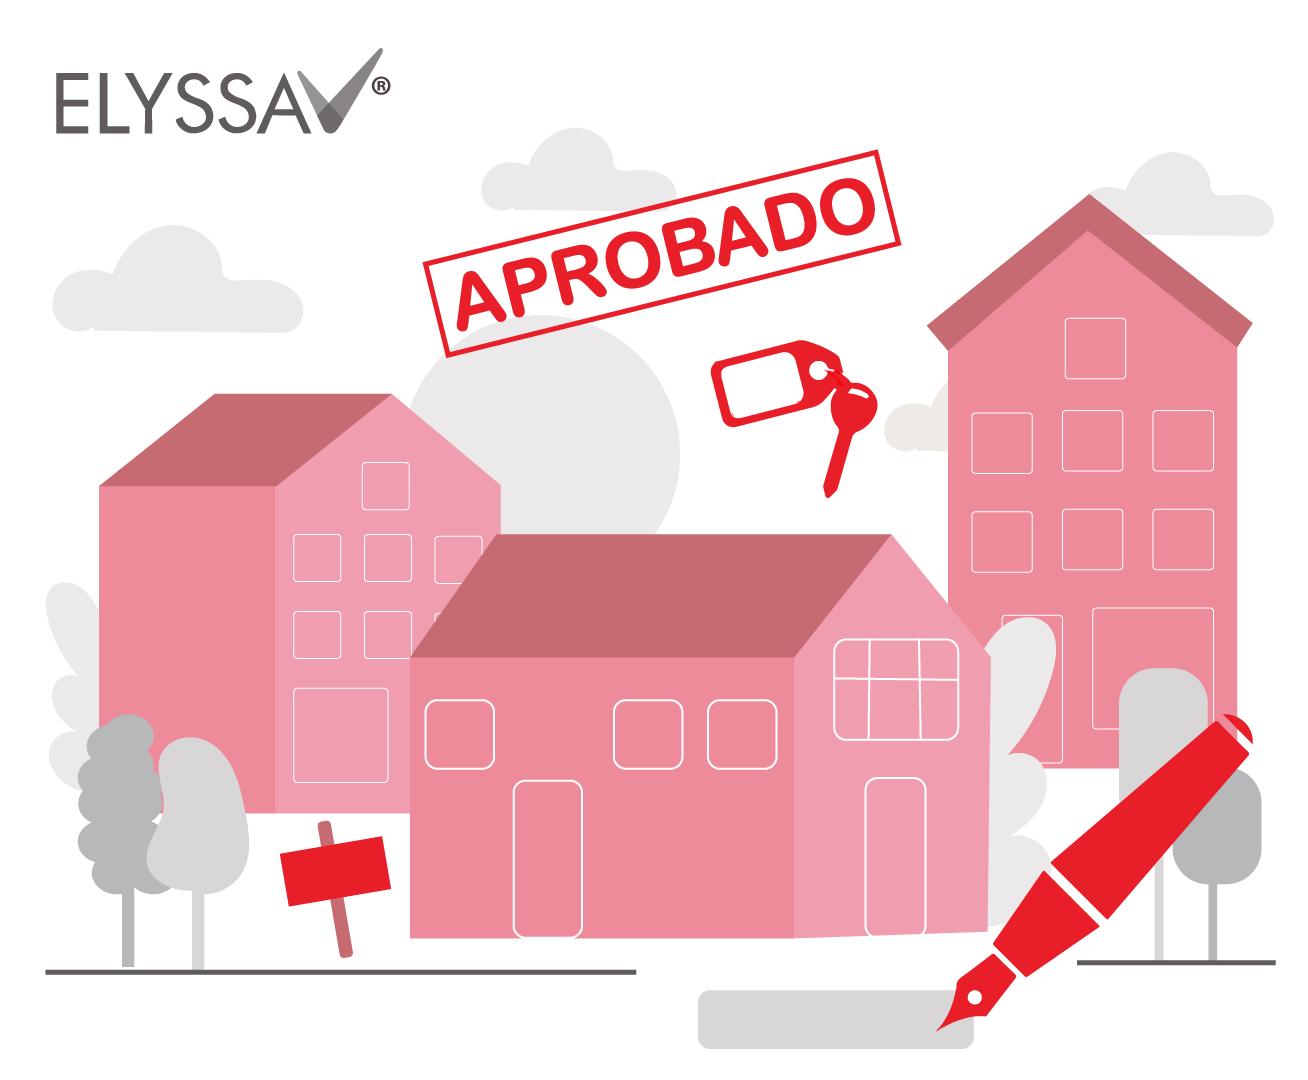 Contrato de arrendamiento con opción de compra